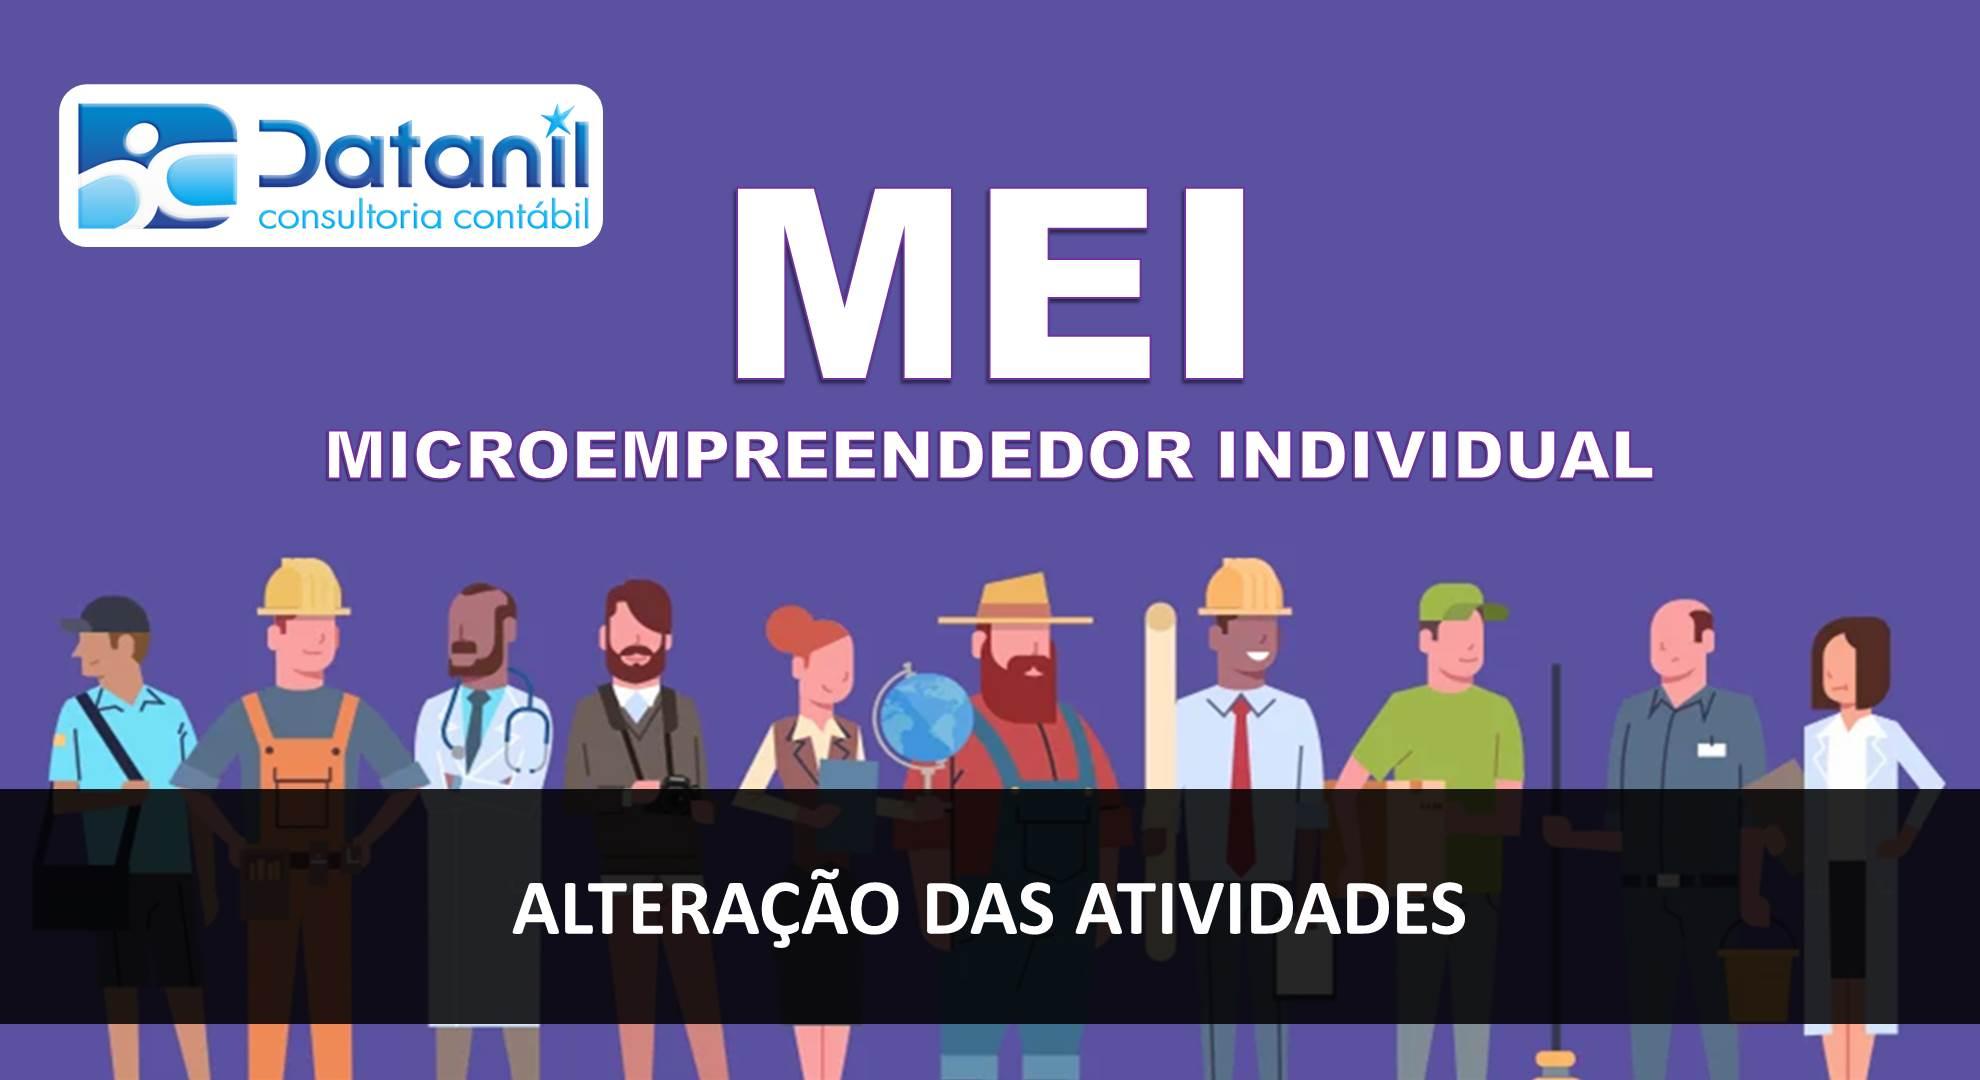 Microempreendedor Individual (MEI) – Alteração Das Atividades